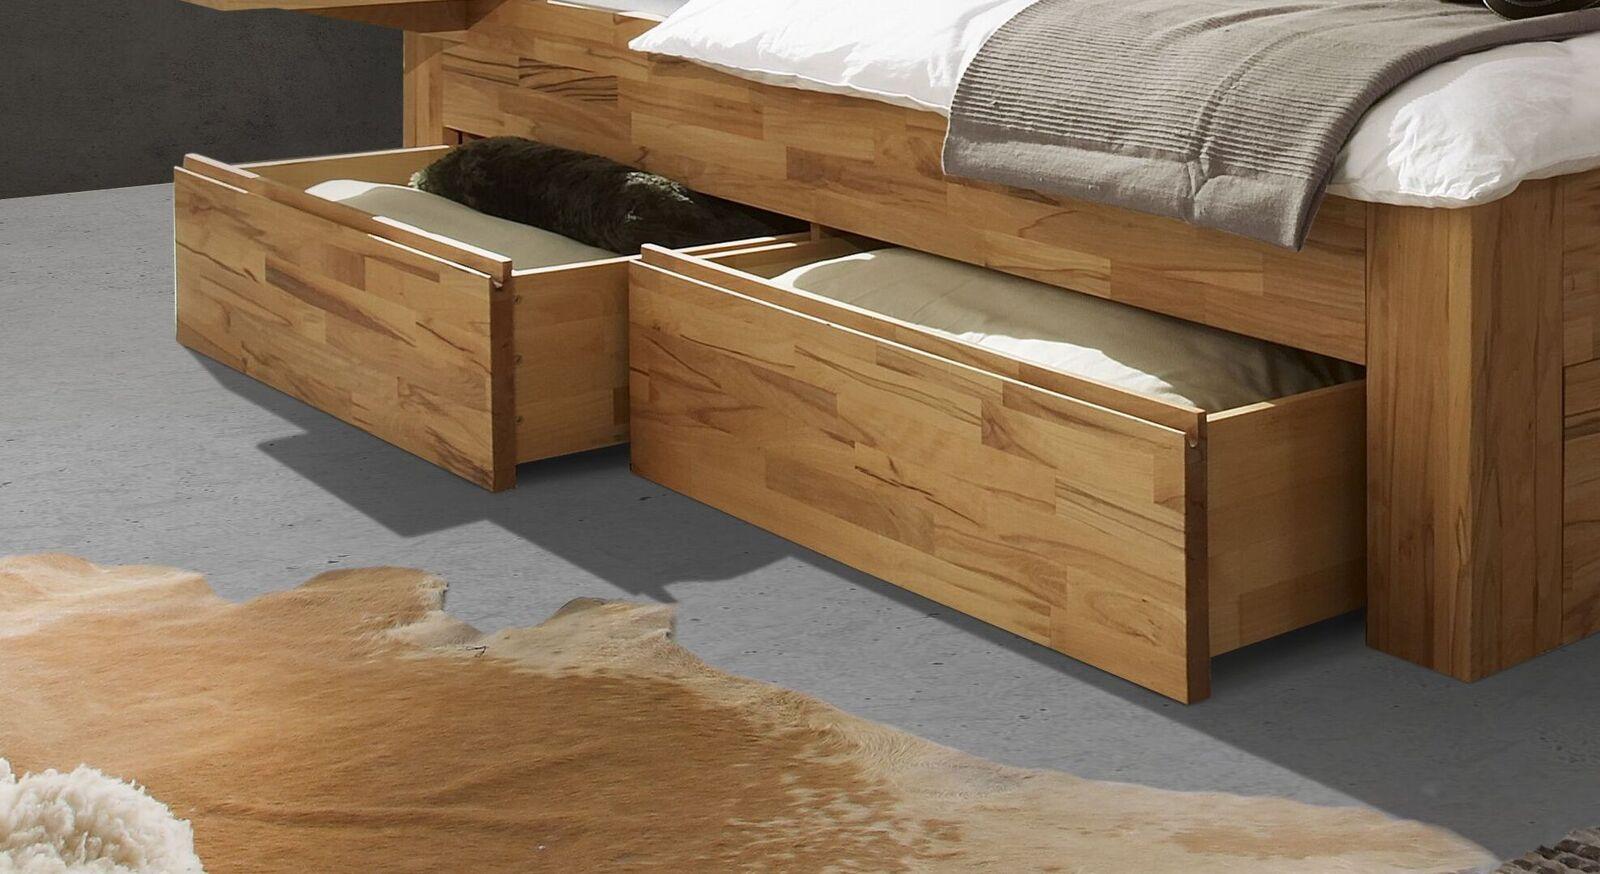 Schubkasten-Einzelbett Andalucia mit praktisch integriertem Stauraum